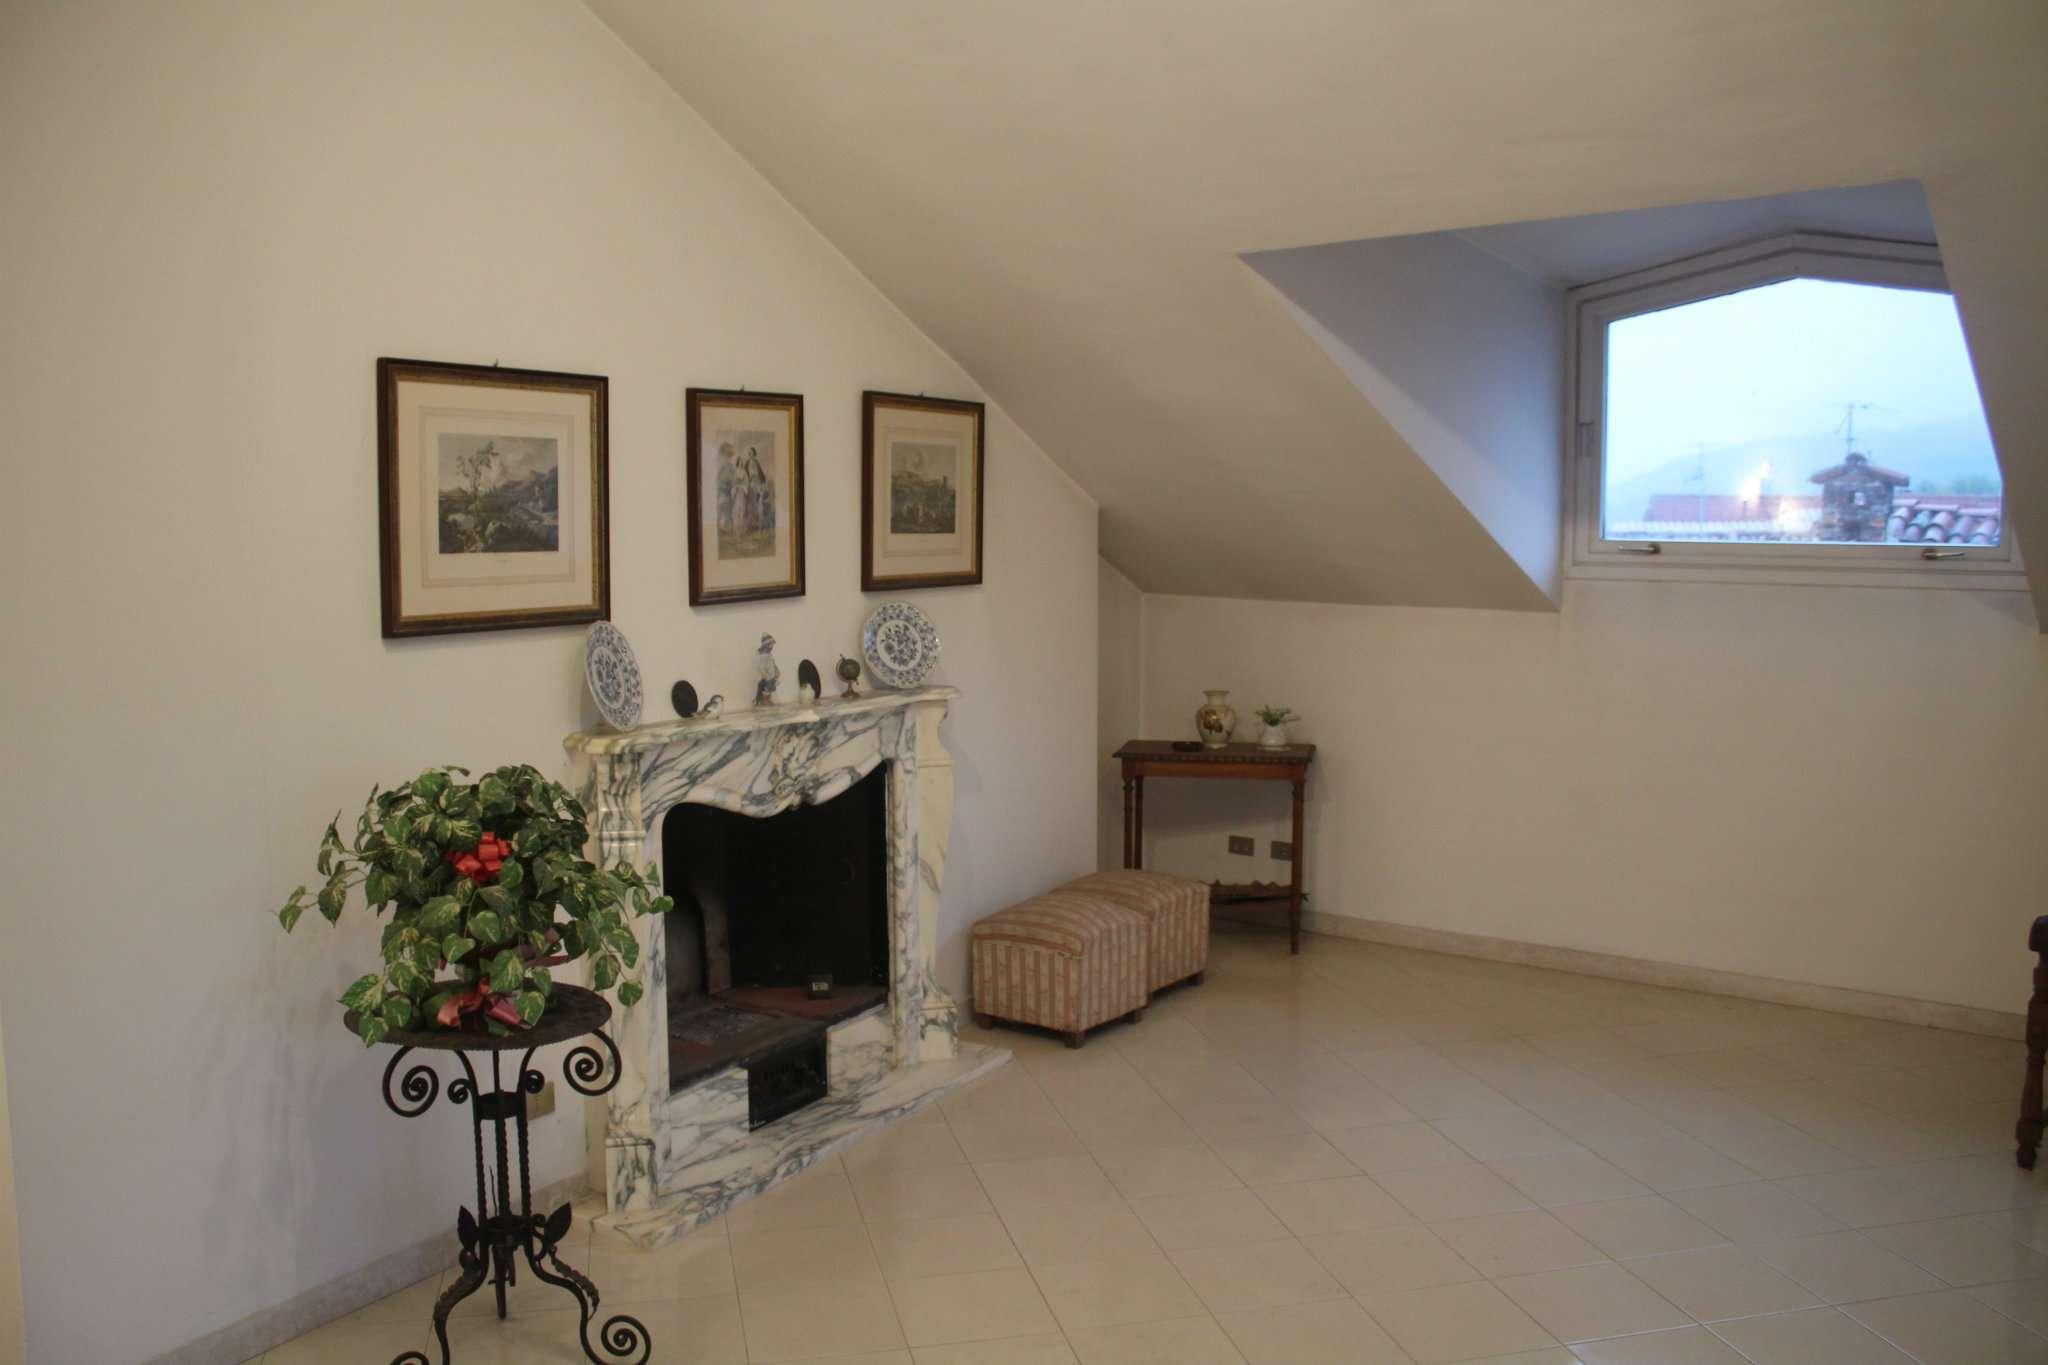 Appartamento in vendita a Bagnasco, 4 locali, prezzo € 65.000 | CambioCasa.it